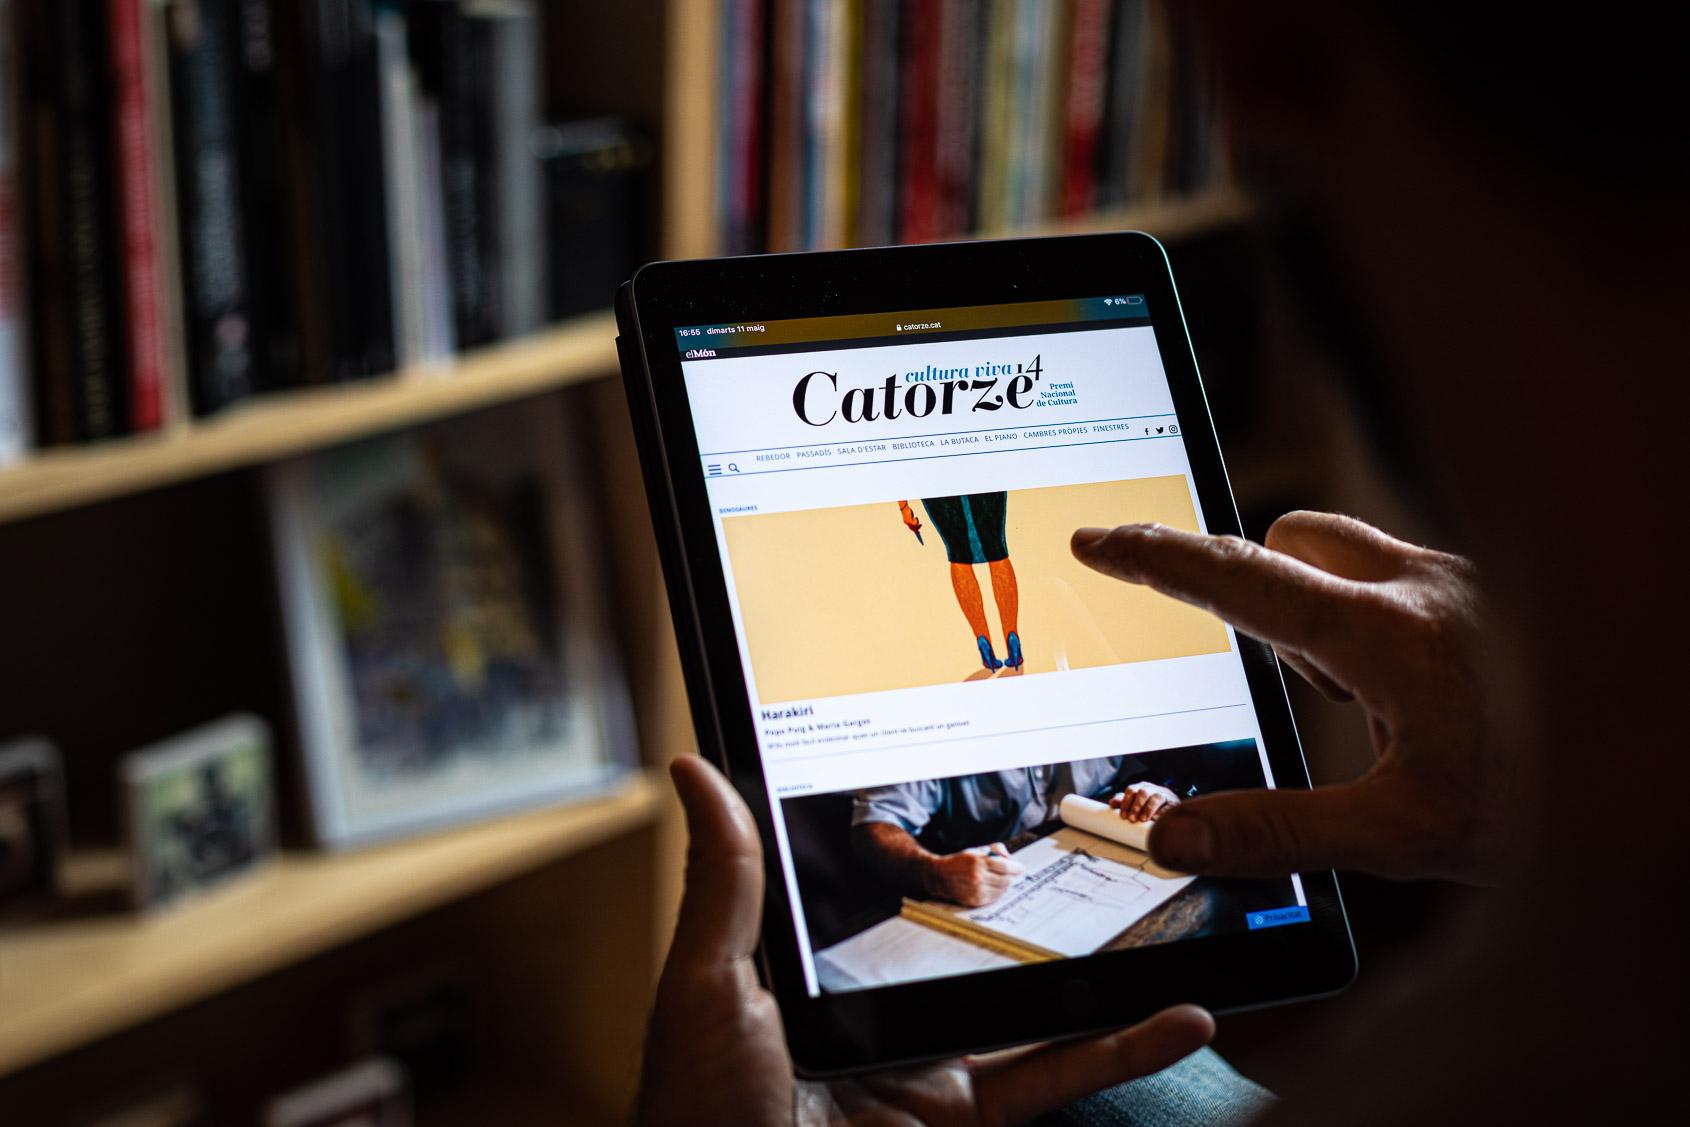 La portada de Catorze / Jordi Borràs